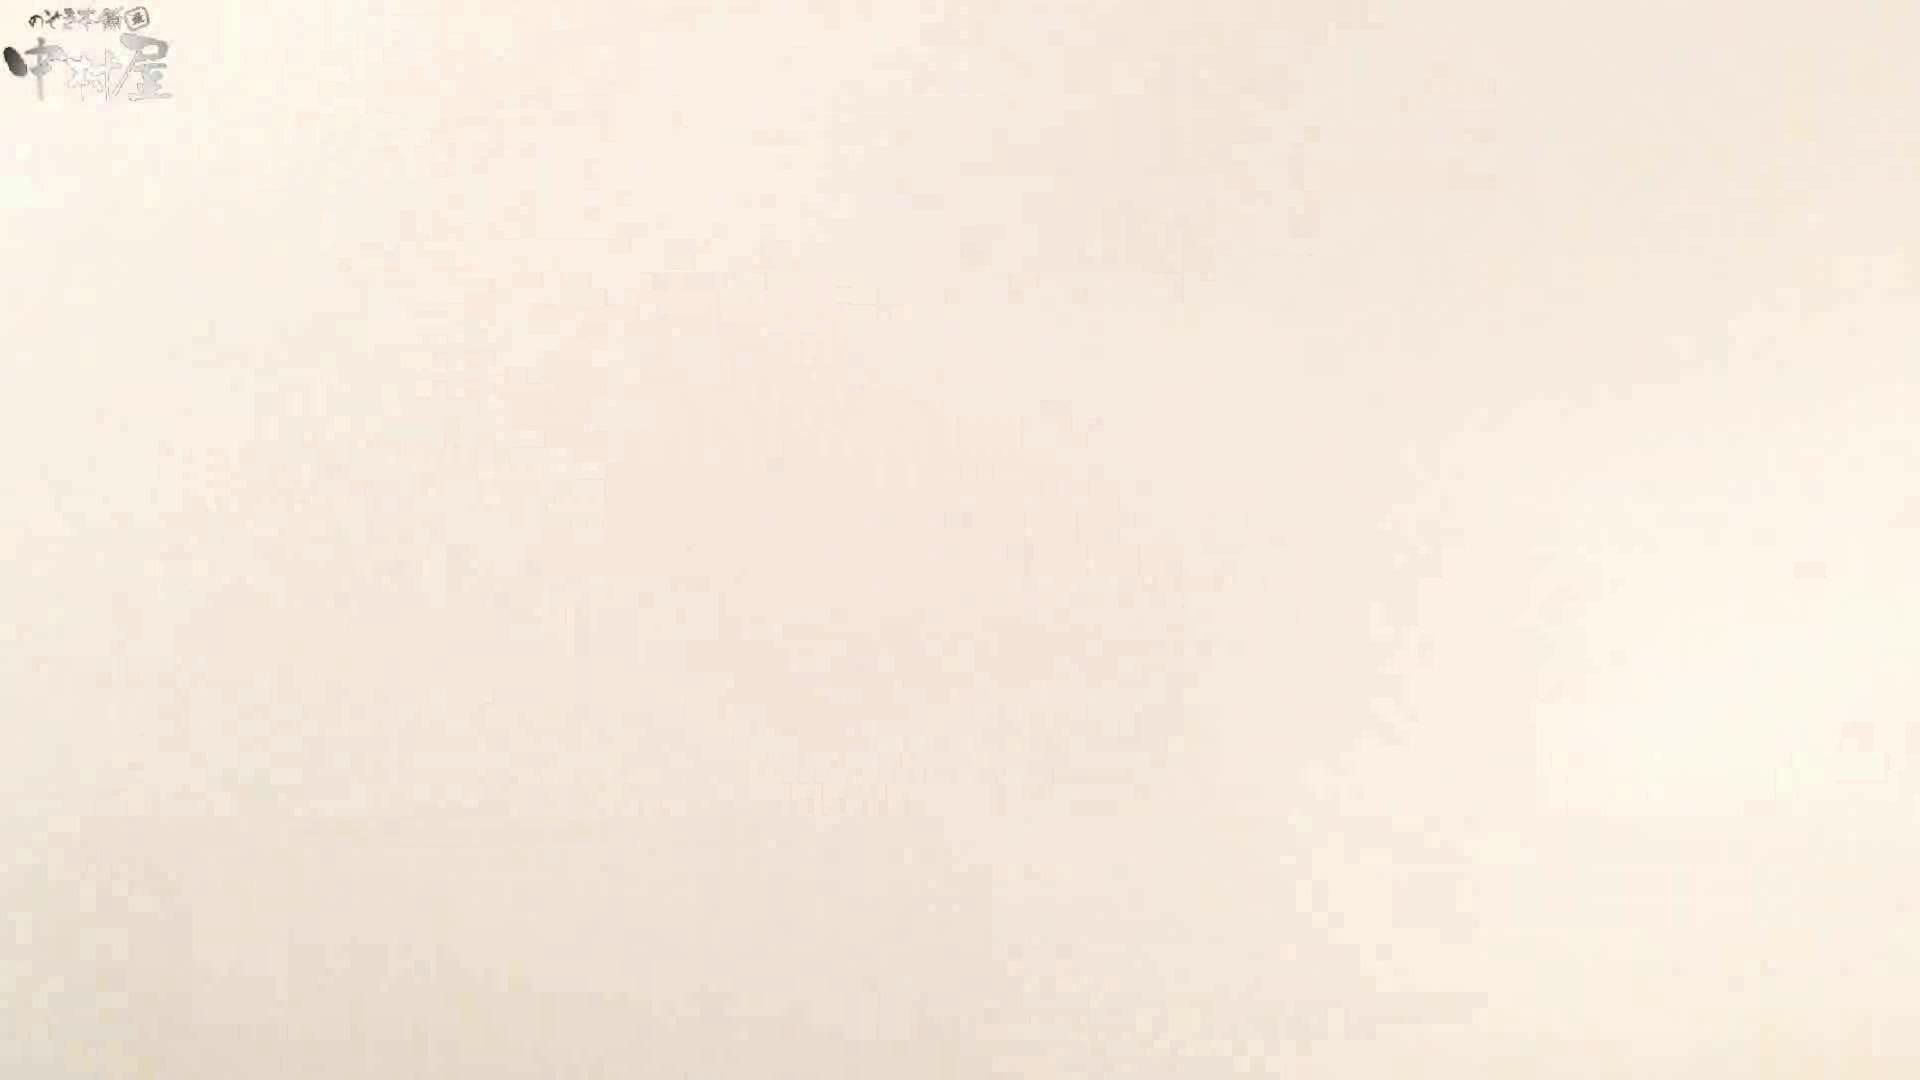 部活女子トイレ潜入編vol.1 OLのエロ生活 AV動画キャプチャ 67連発 57